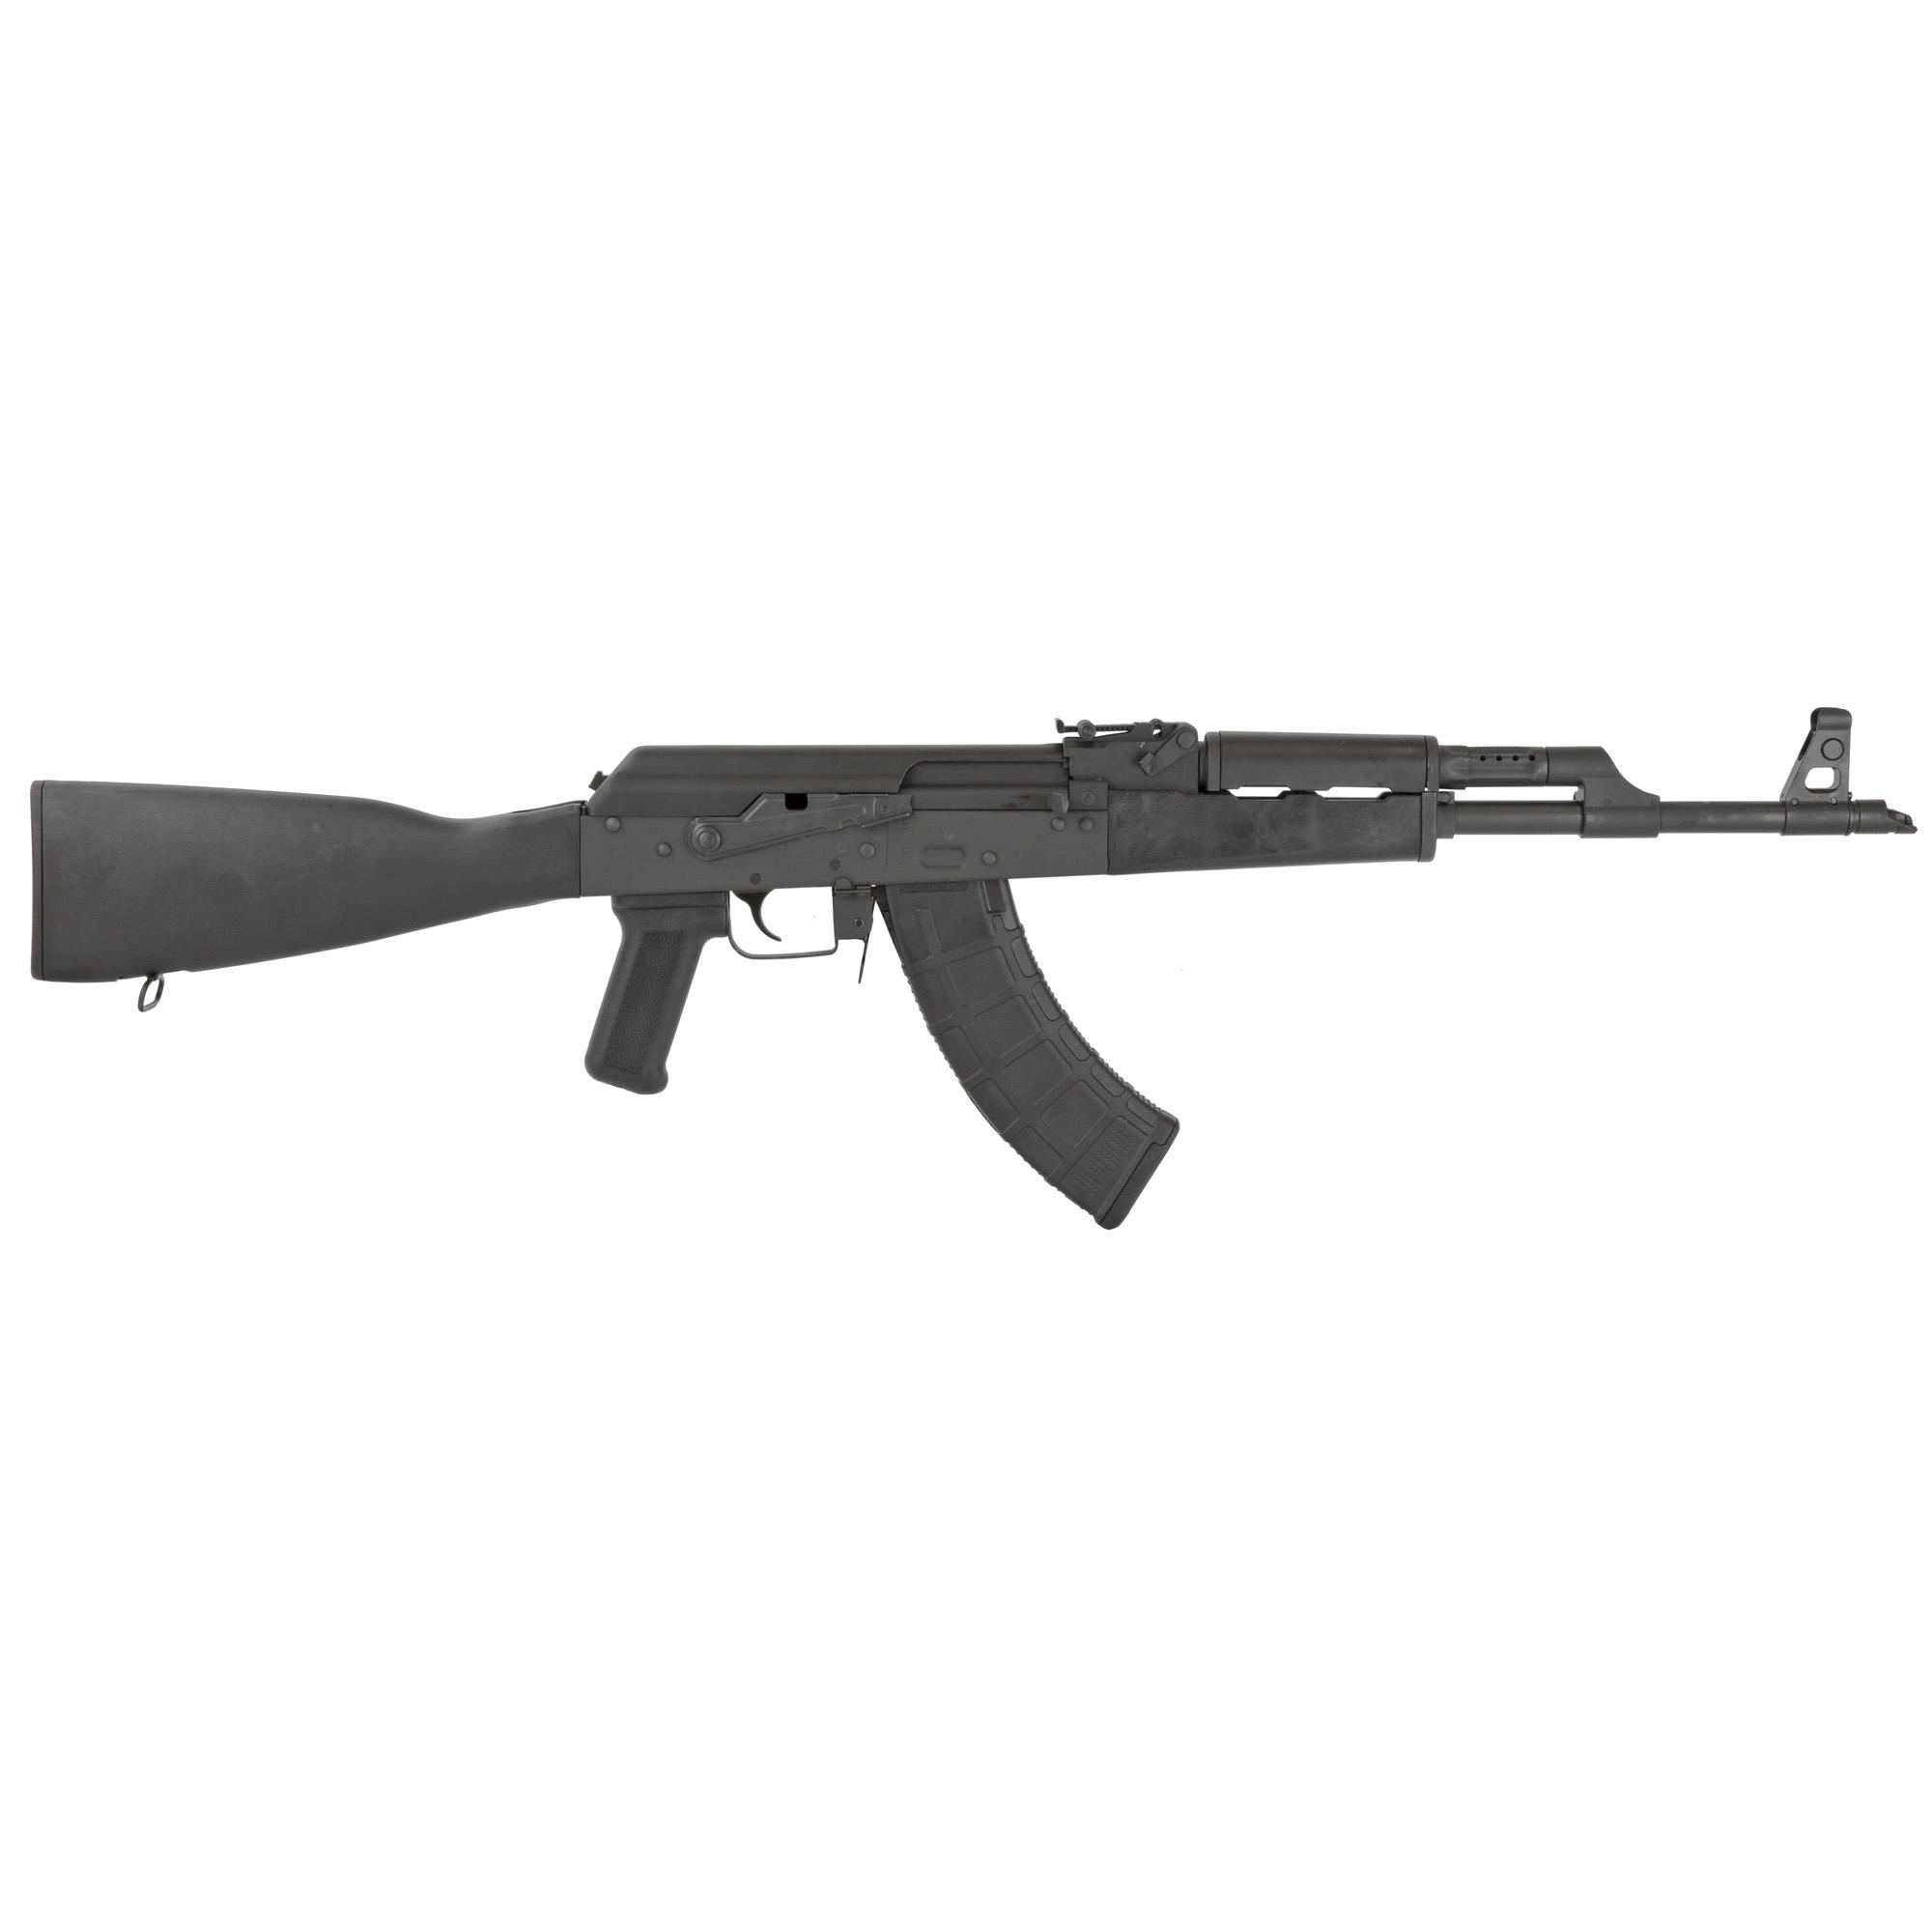 Red Army Standard RI3291N VSKA 7.62x39mm 16.50